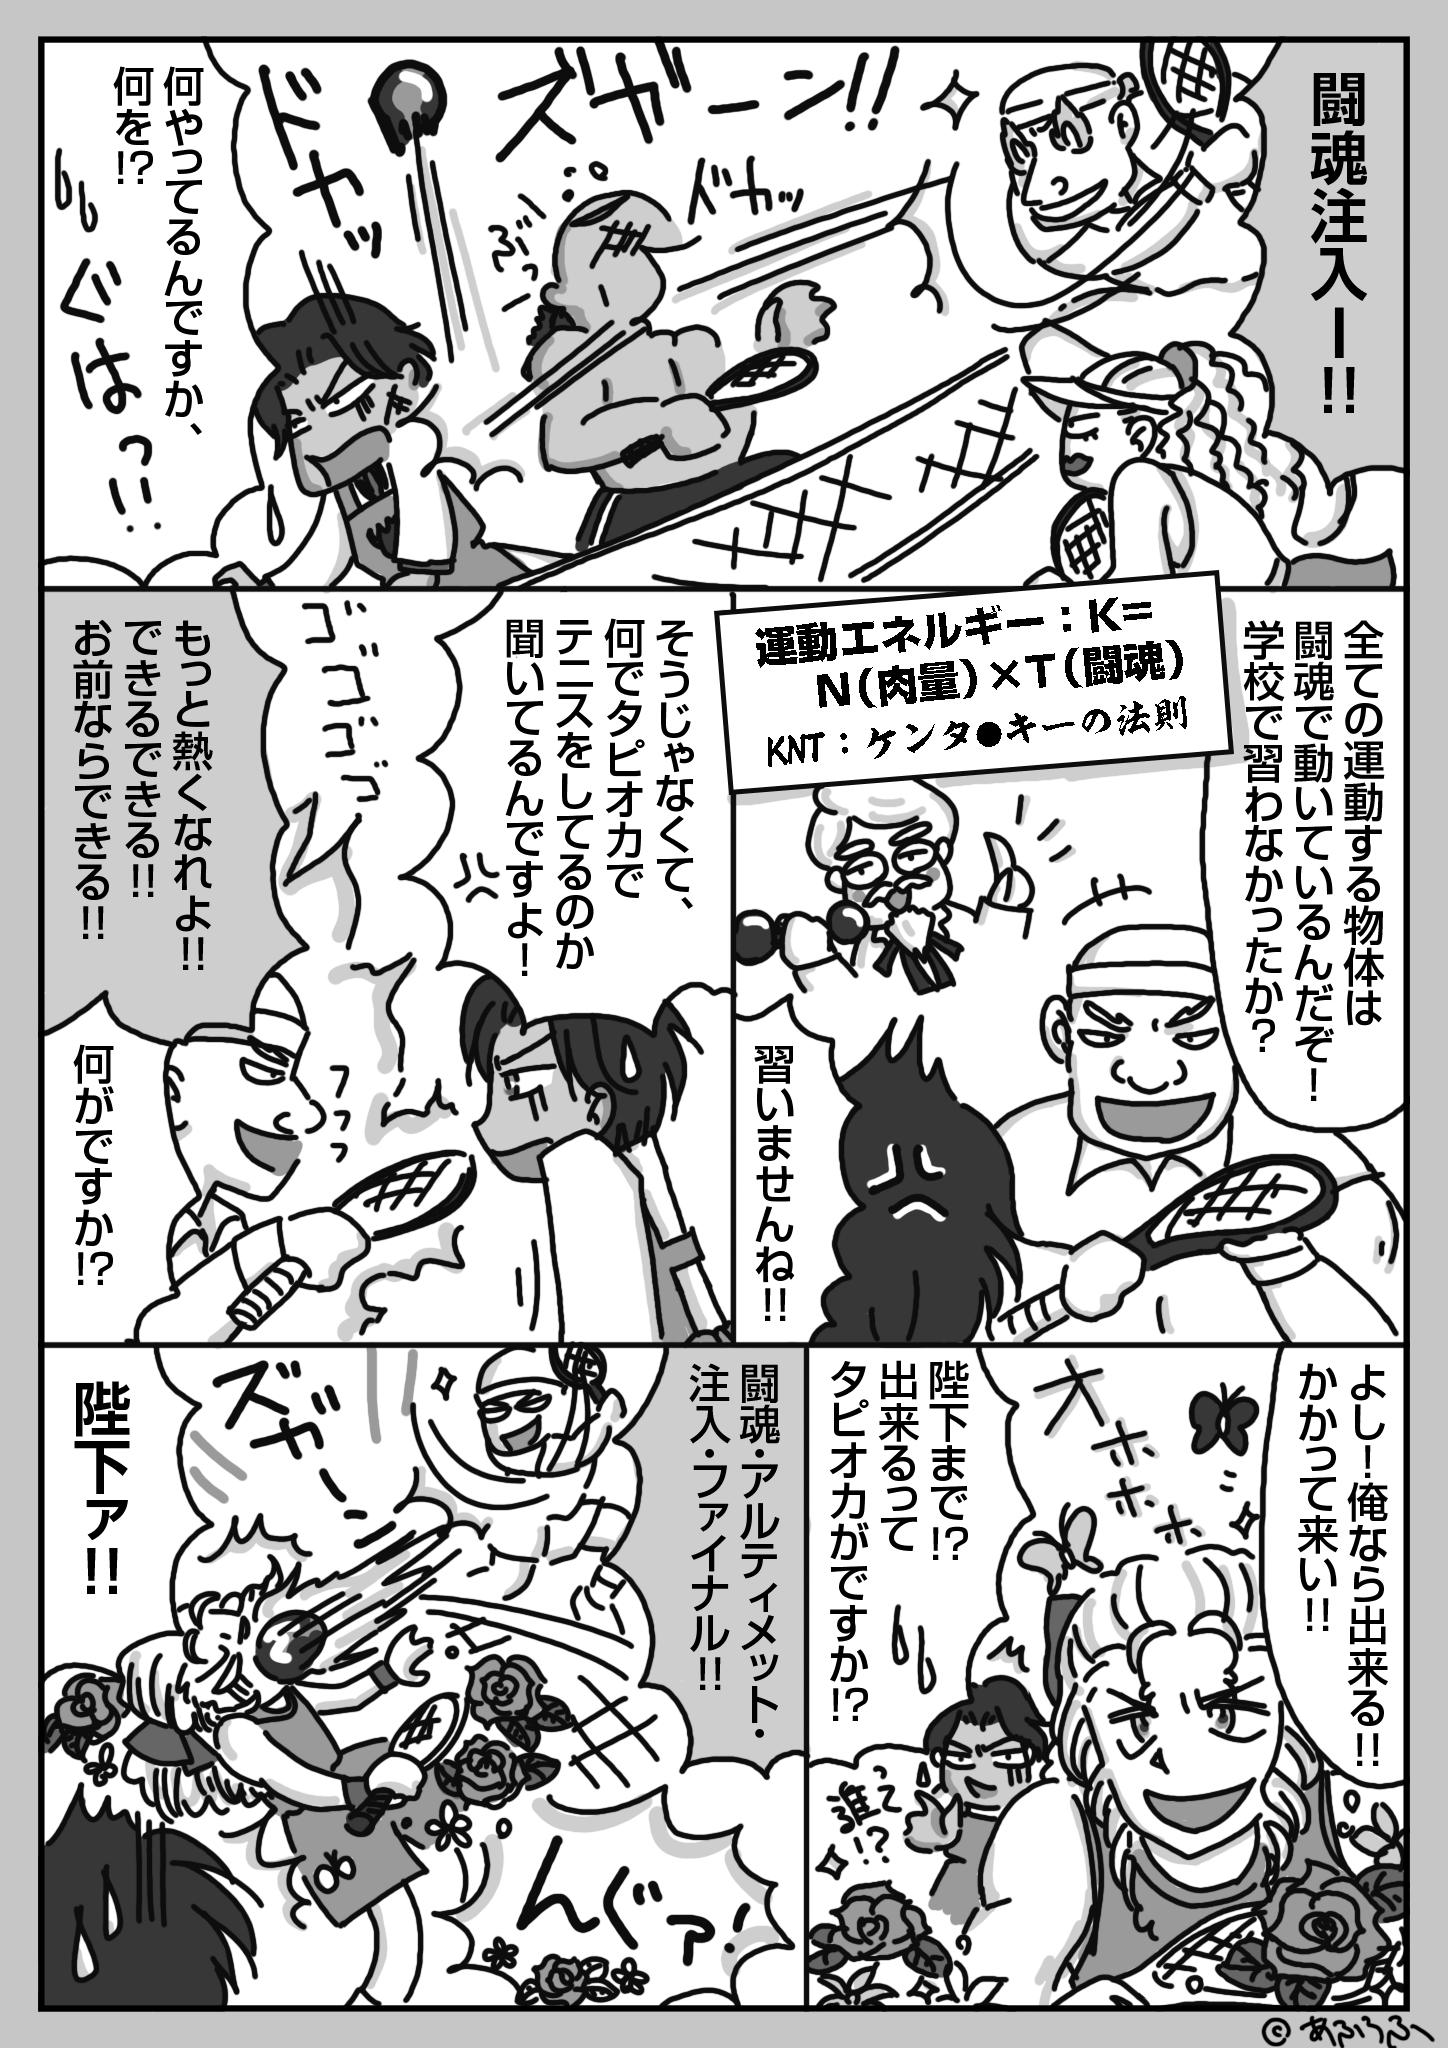 火の魔王とタピオカ入りプロテイン (8)